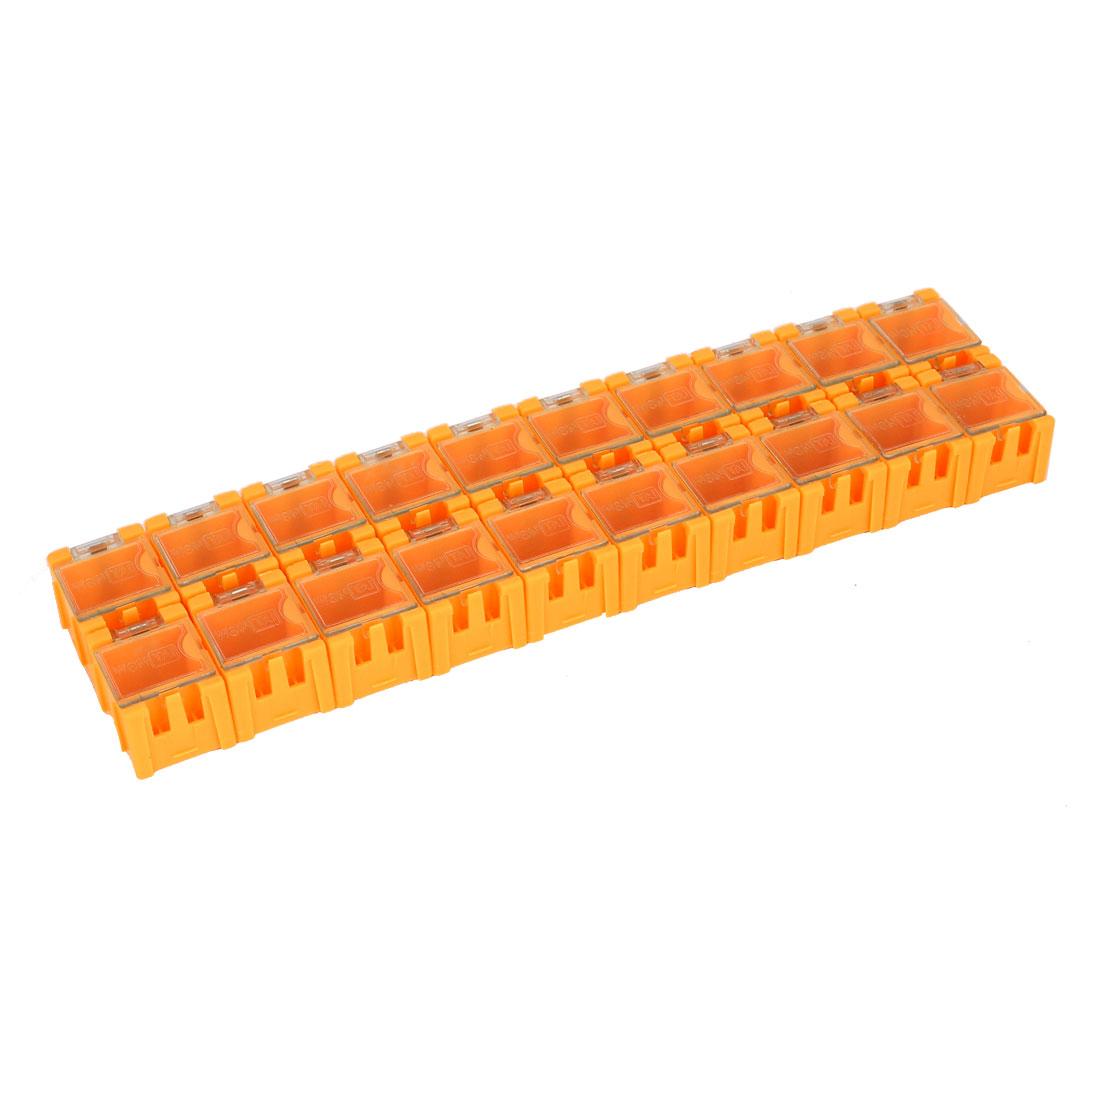 20Pcs Orange Rectangle SMT SMD Electronic Components Storage Box Case Organizer